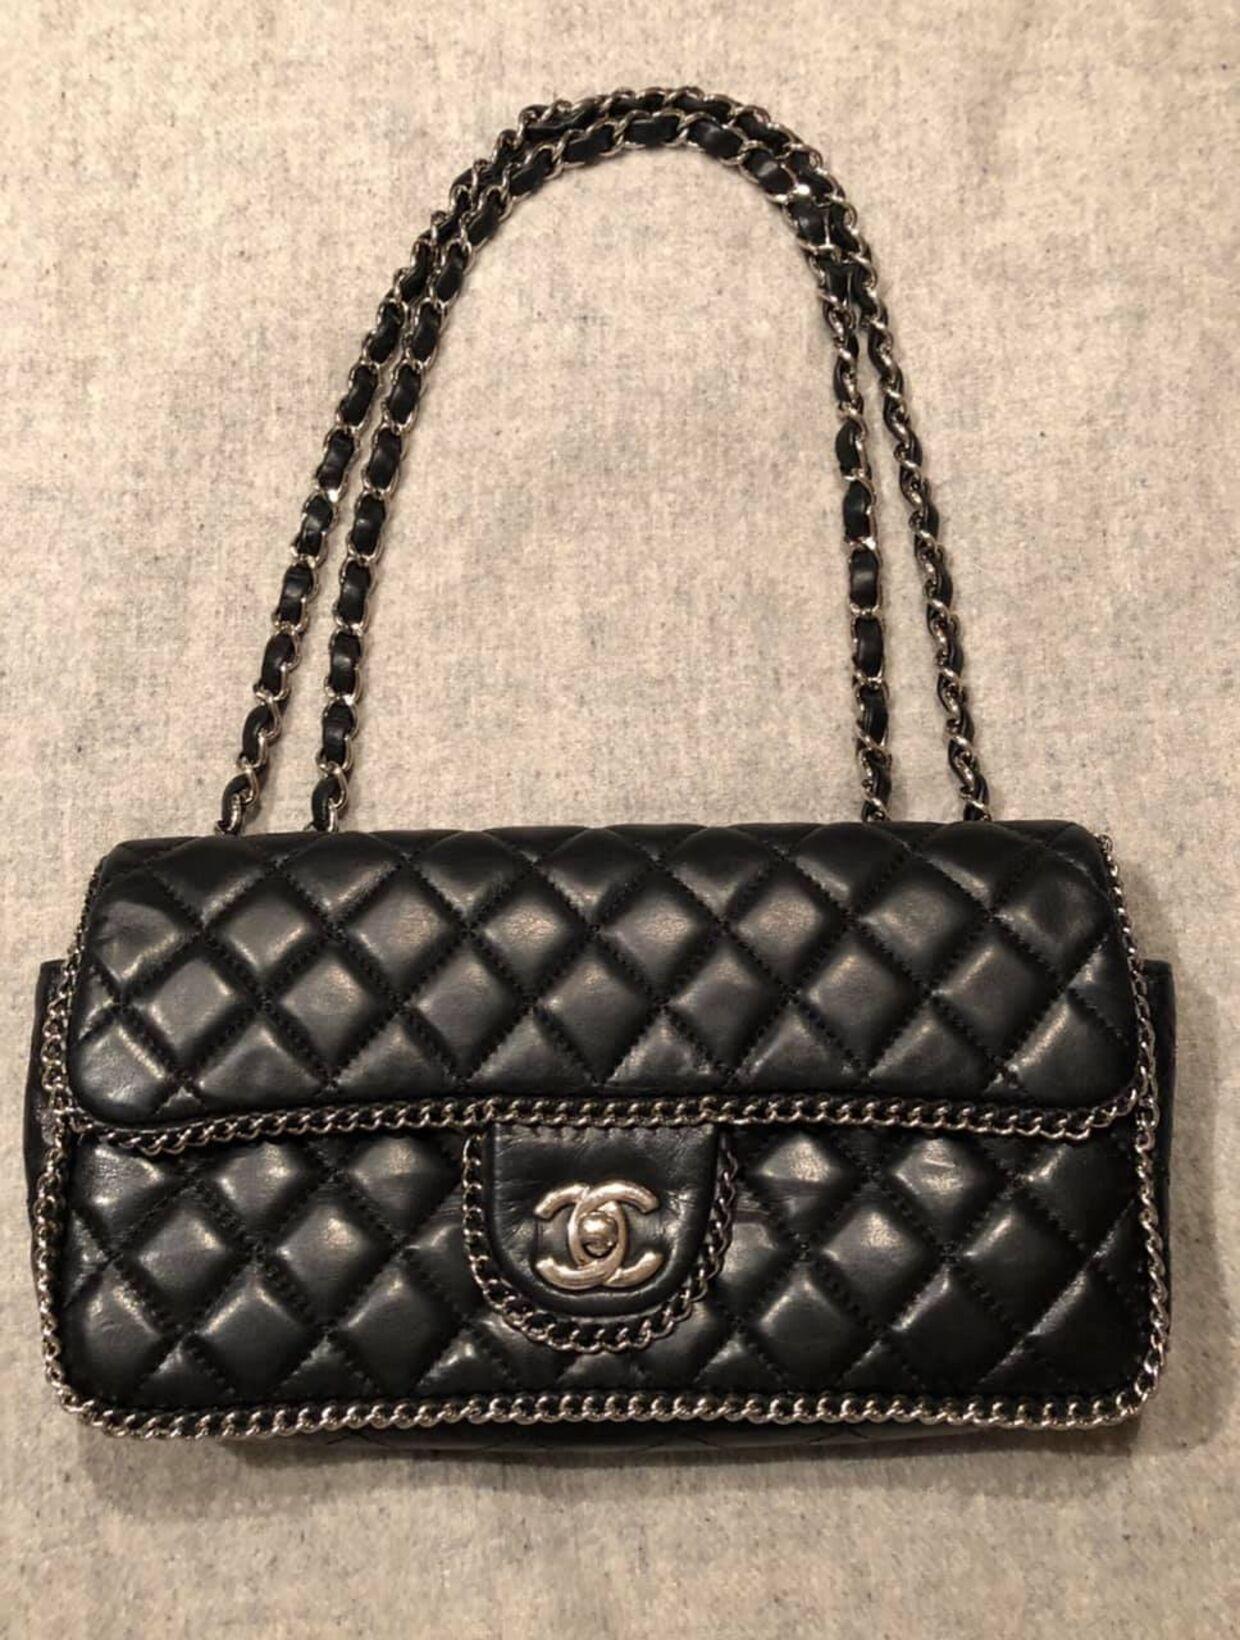 Chanel-tasken, der blev stjålet.